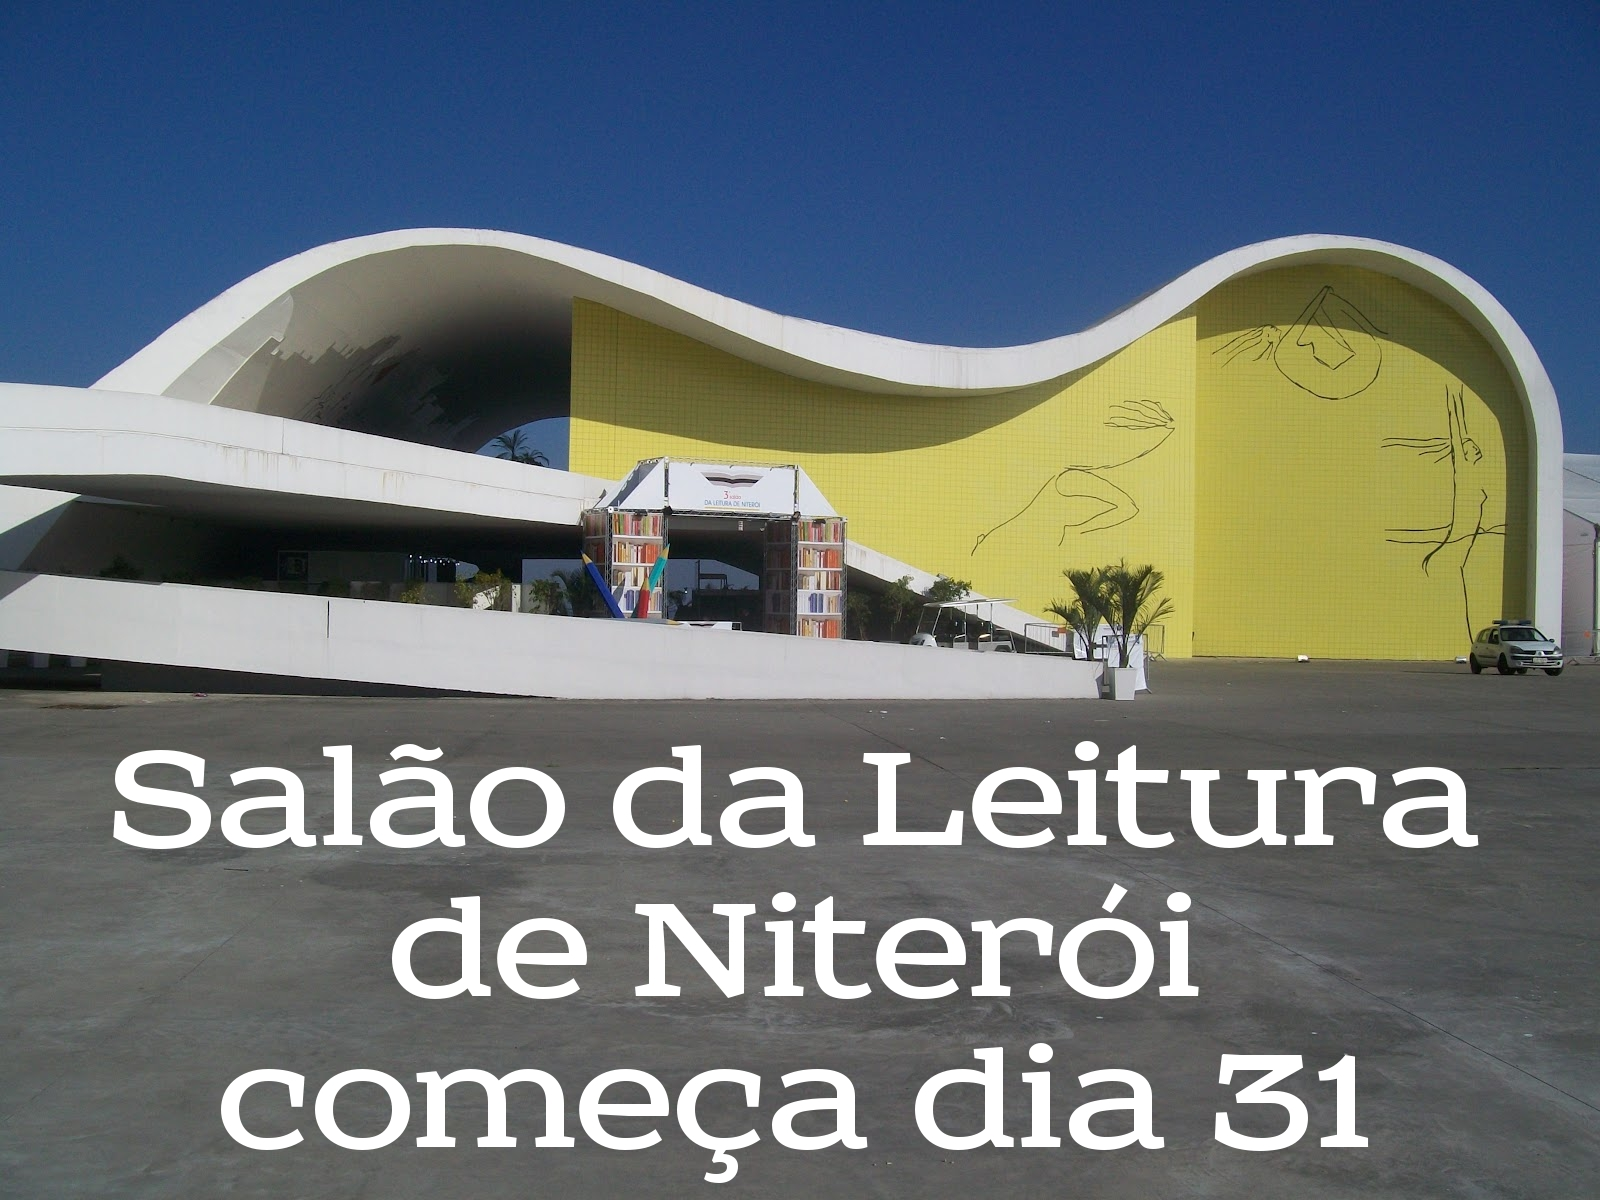 Salão da Leitura de Niterói